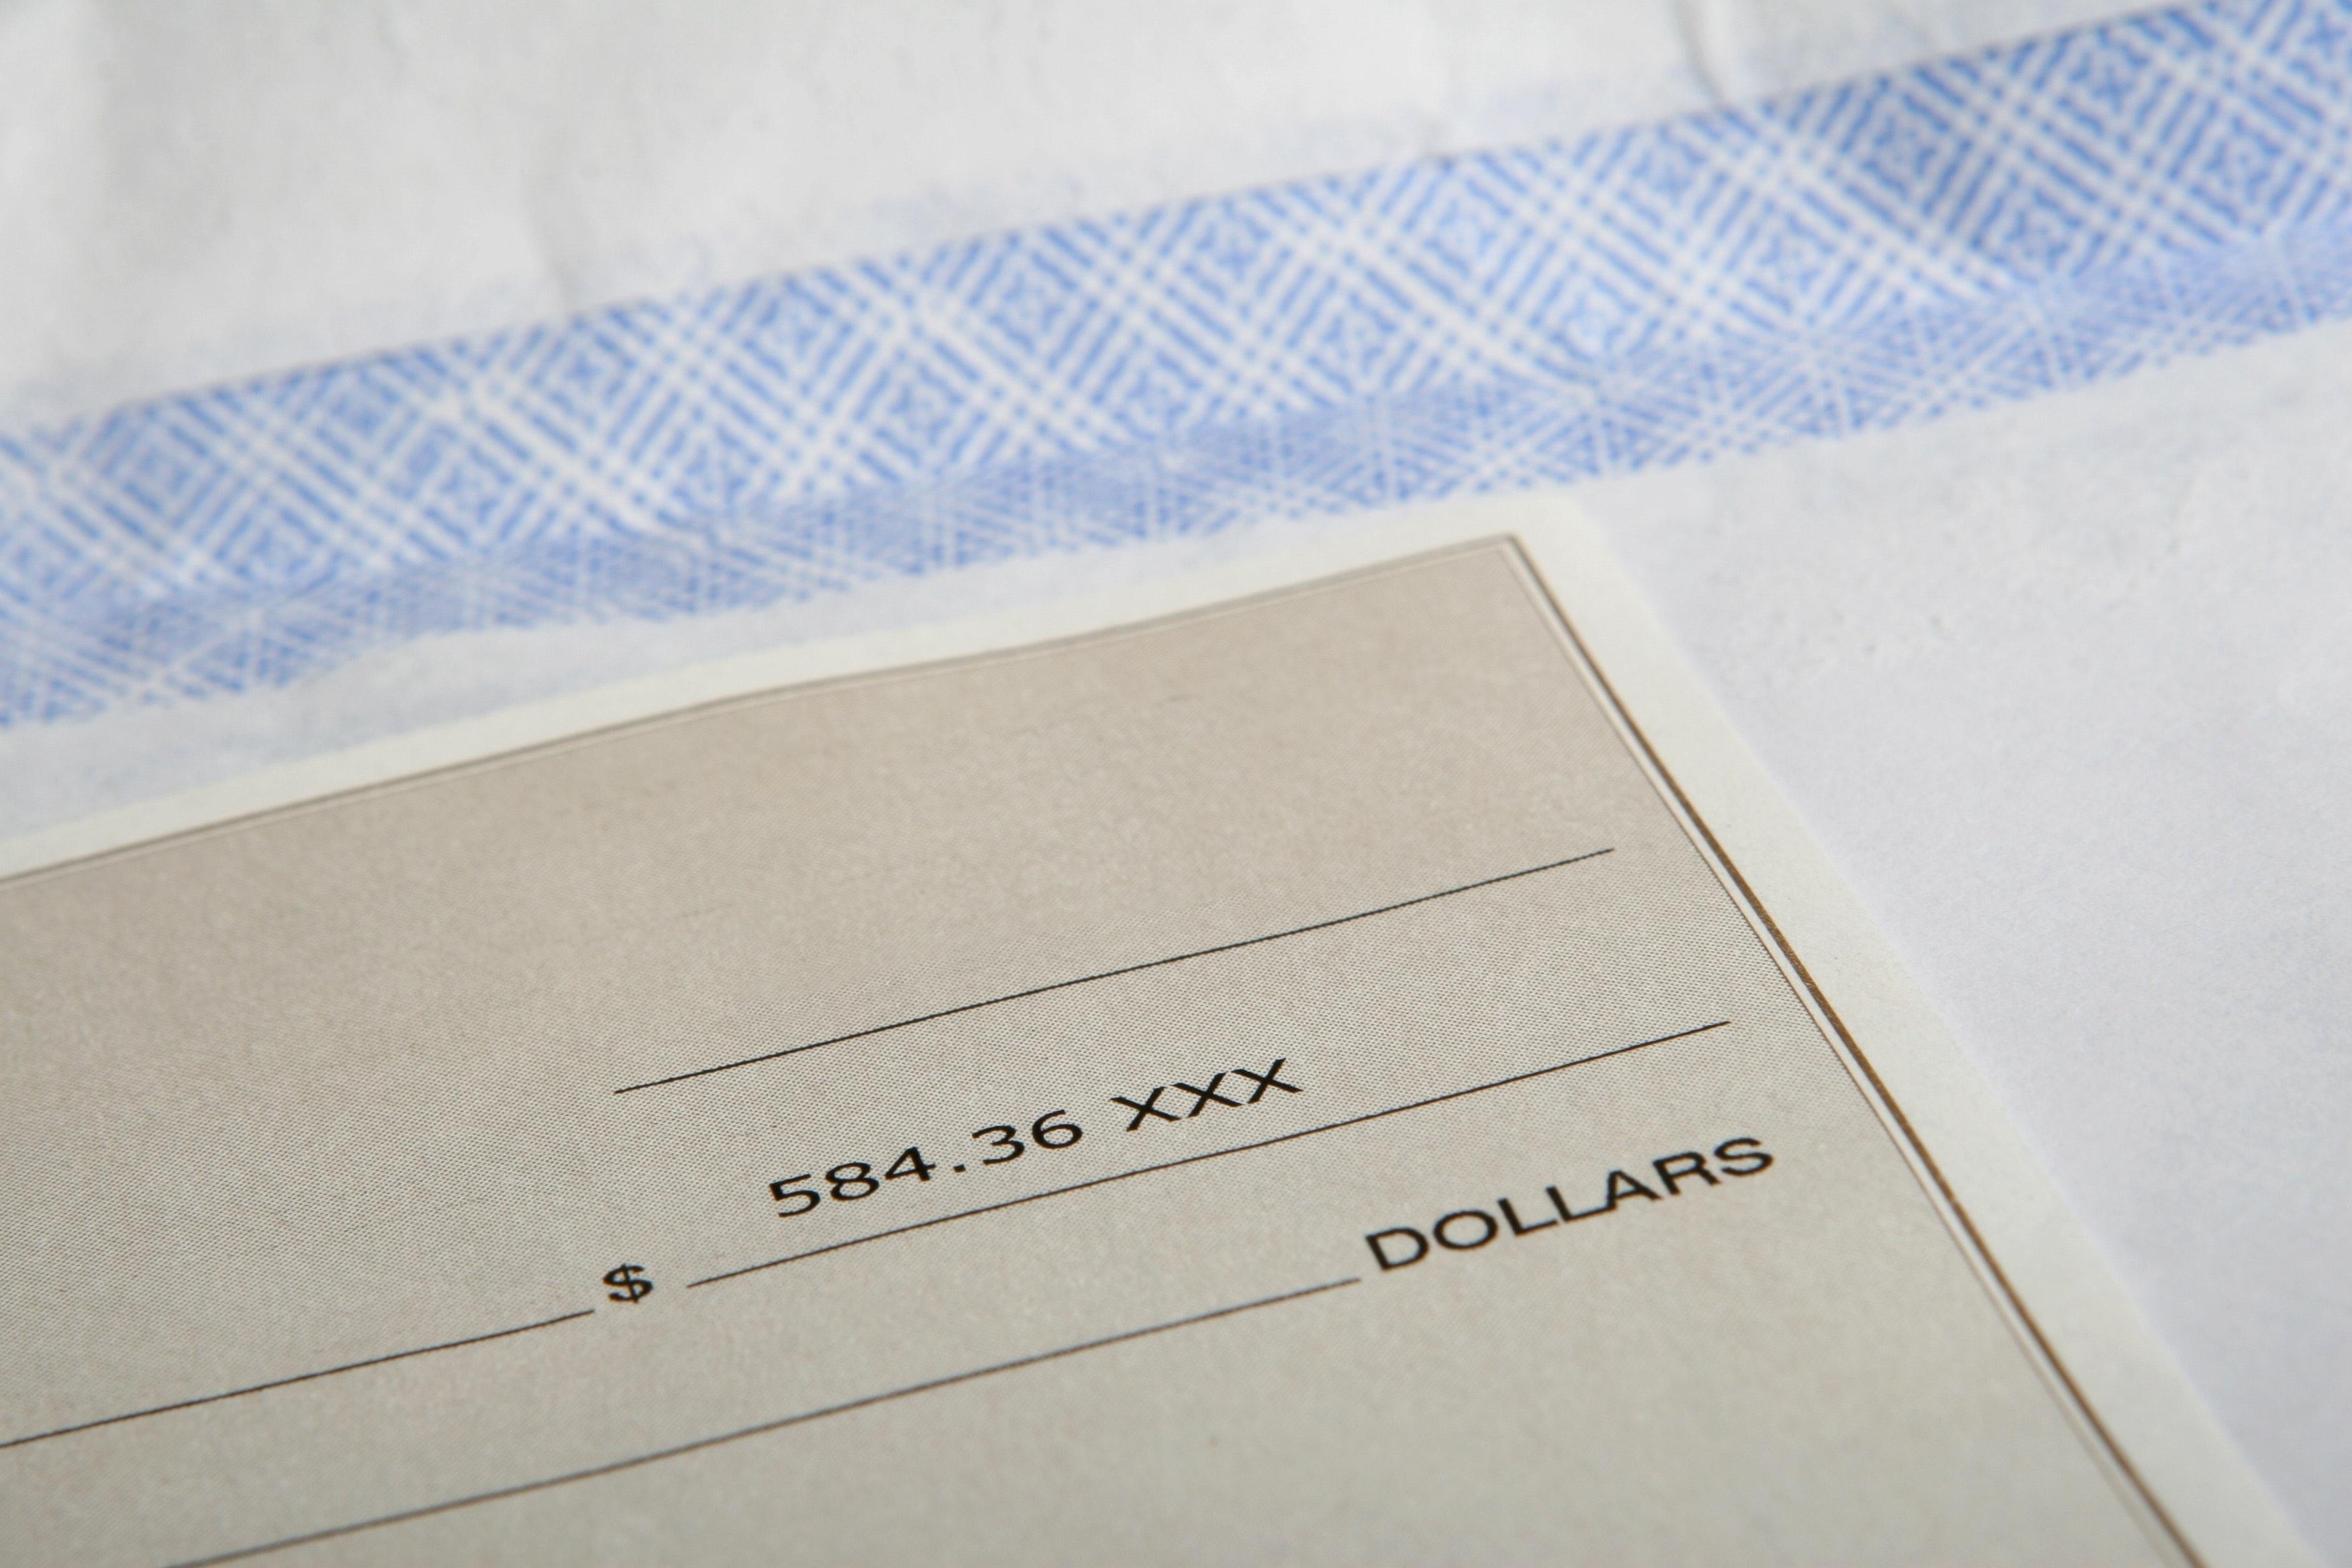 アメリカの小切手システム説明 Personal Check, Cashier's Check, Bad Check, Canceled Check